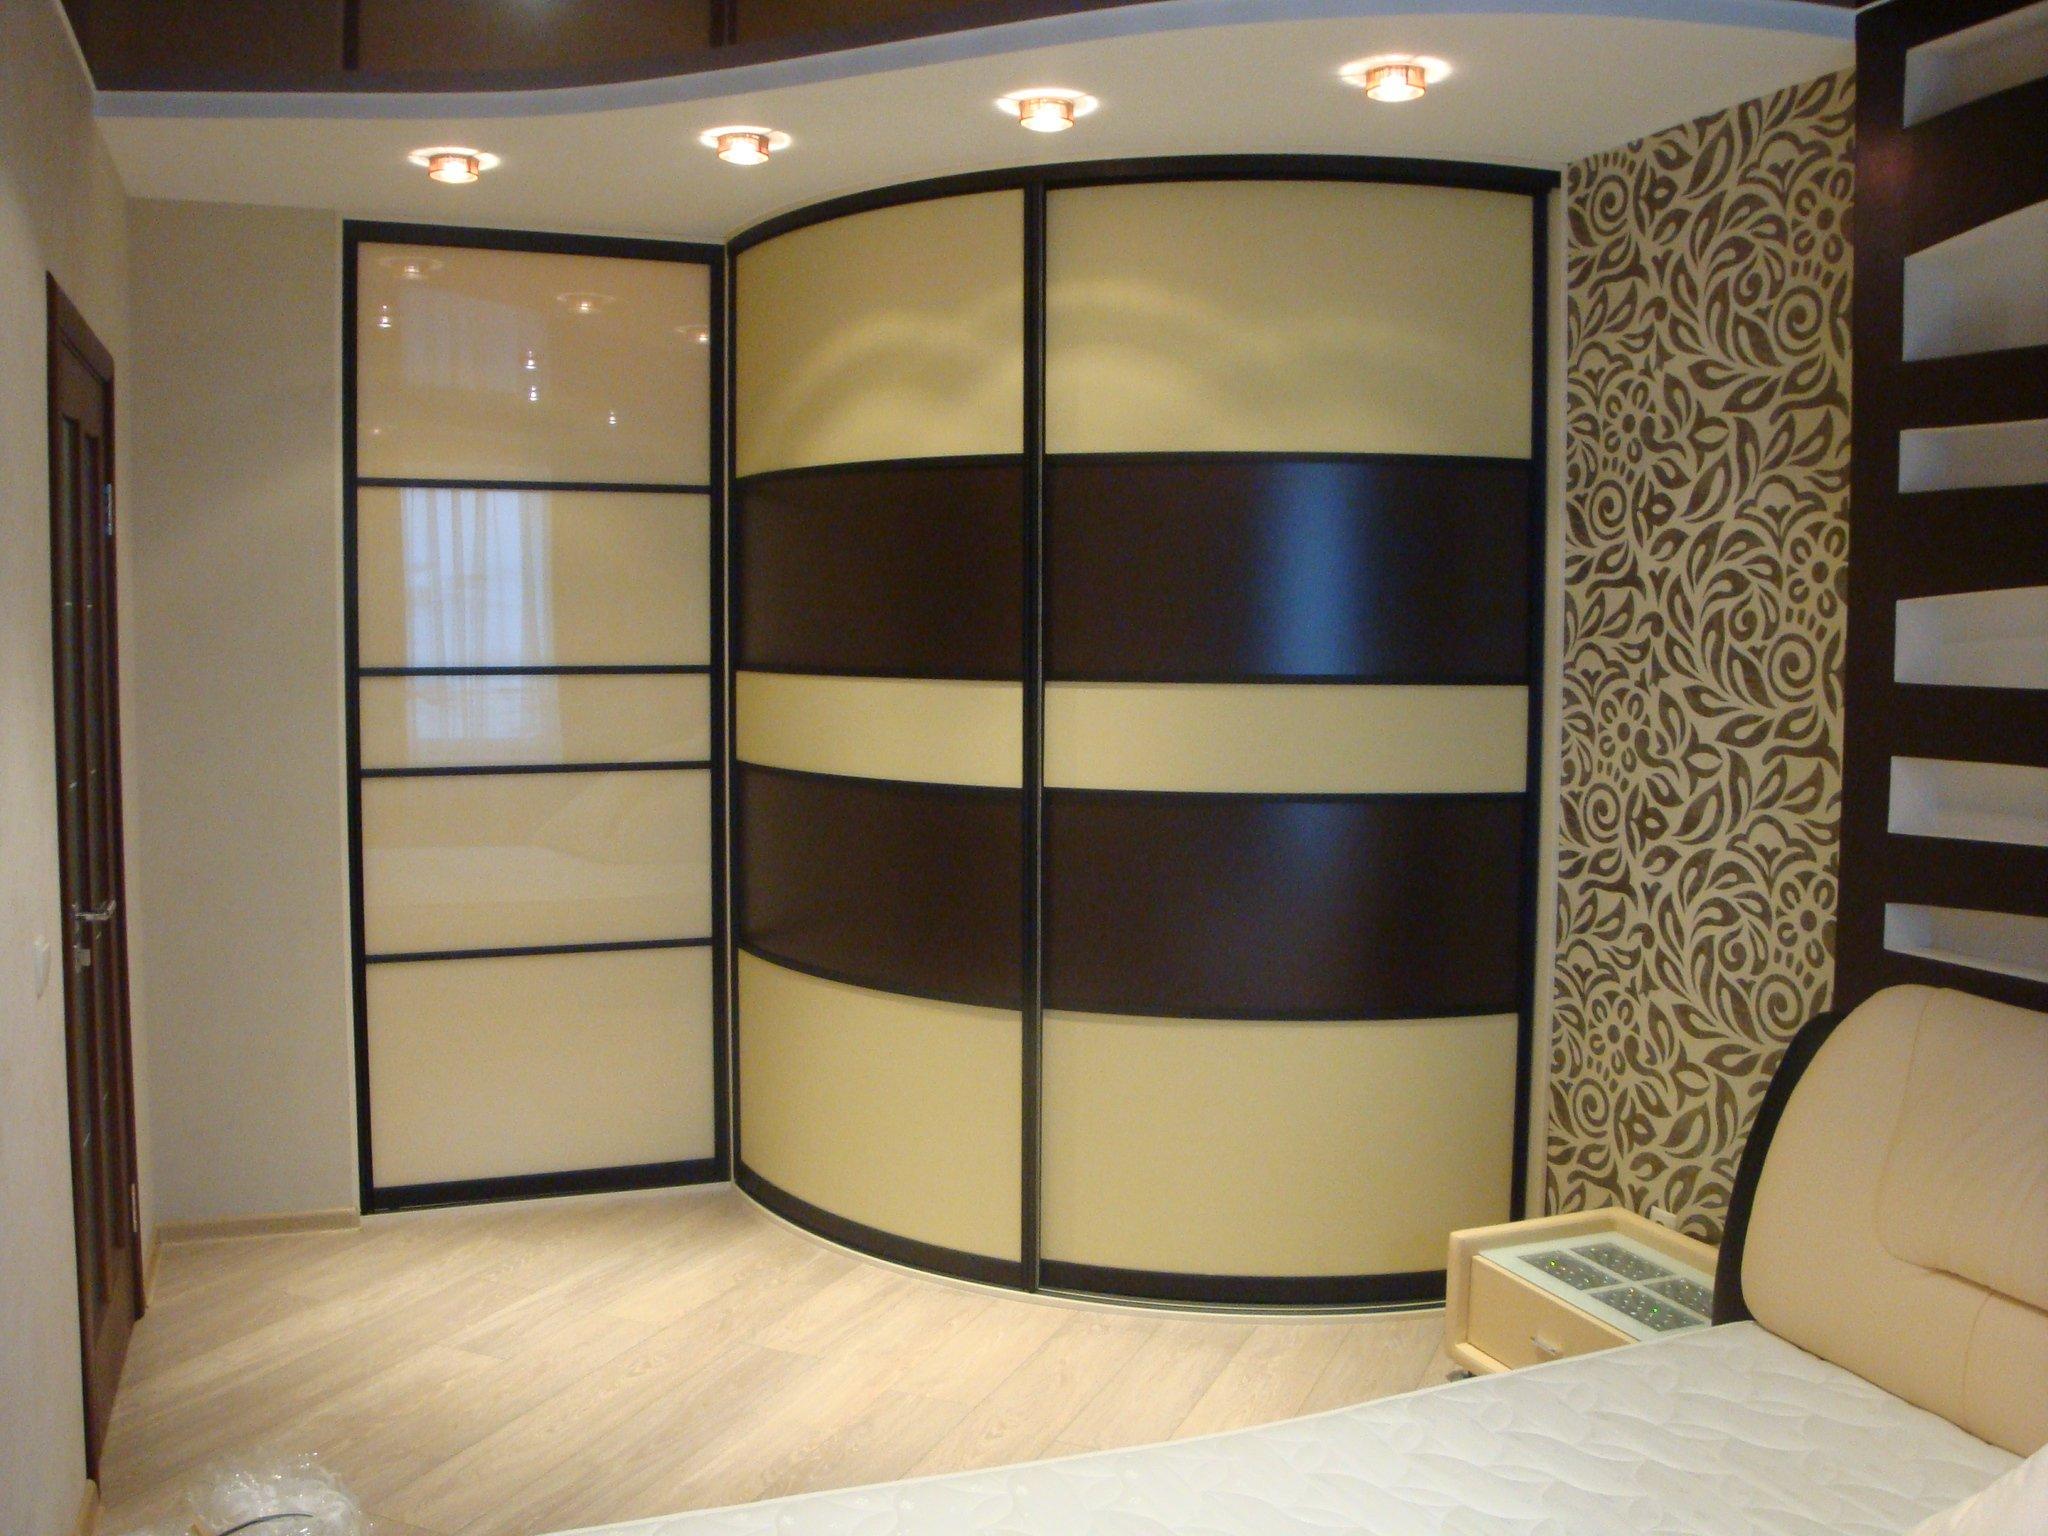 Дизайн шкафов-купе (76 фото): дизайнерские идеи, модель-нови.